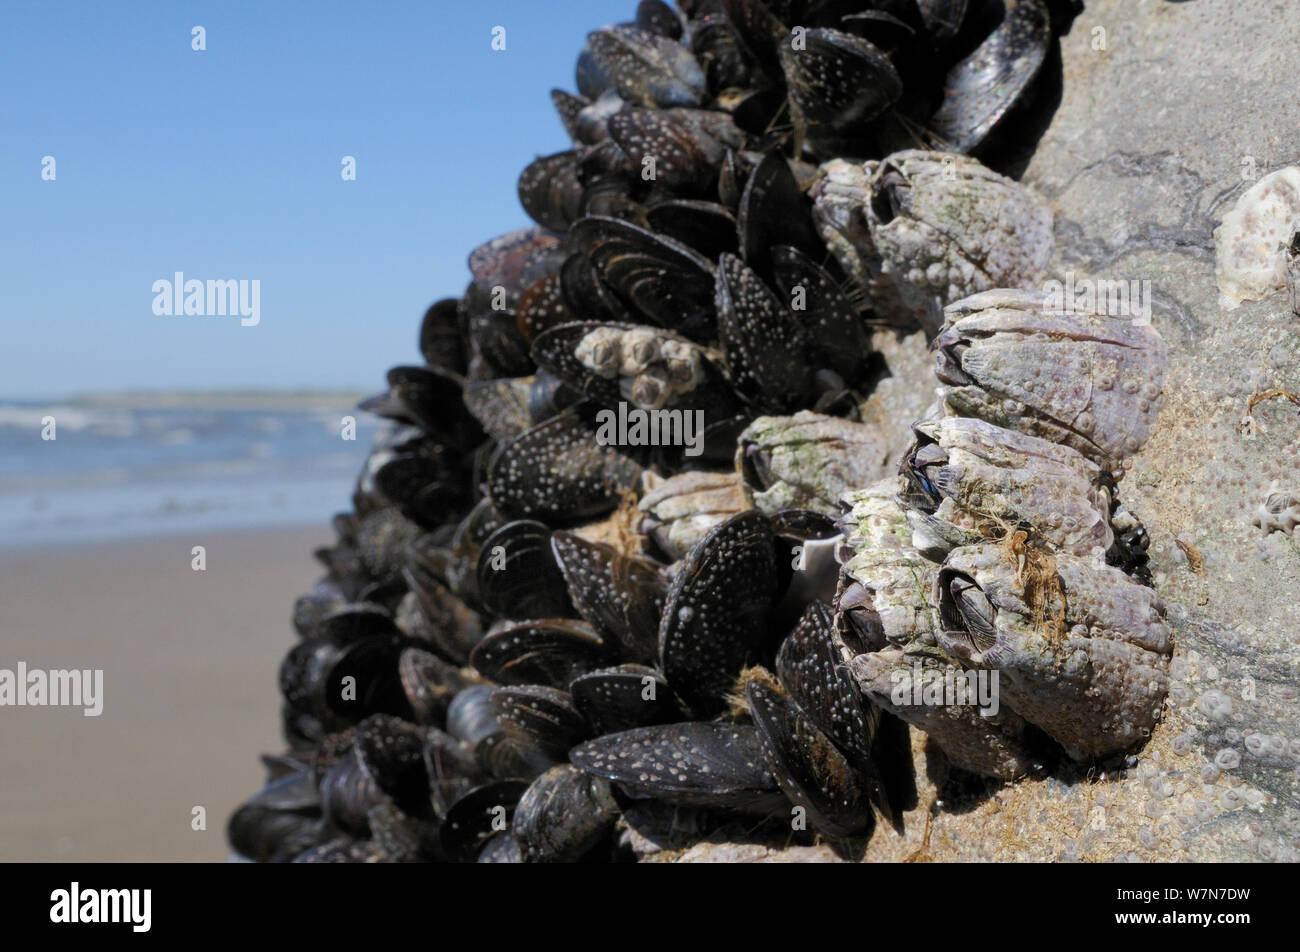 Amplio ángulo de visión de Acorn percebes (Balanus perforatus) adjunta a las rocas junto a Common mejillones (Mytilus edulis) con jóvenes percebes y recientemente se asentaron cyprid larvea en proceso de calcificante en la cara de la roca y el mejillón percebe y conchas, expuesta en la orilla baja en la marea baja. Rhossili, la Península de Gower, REINO UNIDO, Julio. Foto de stock